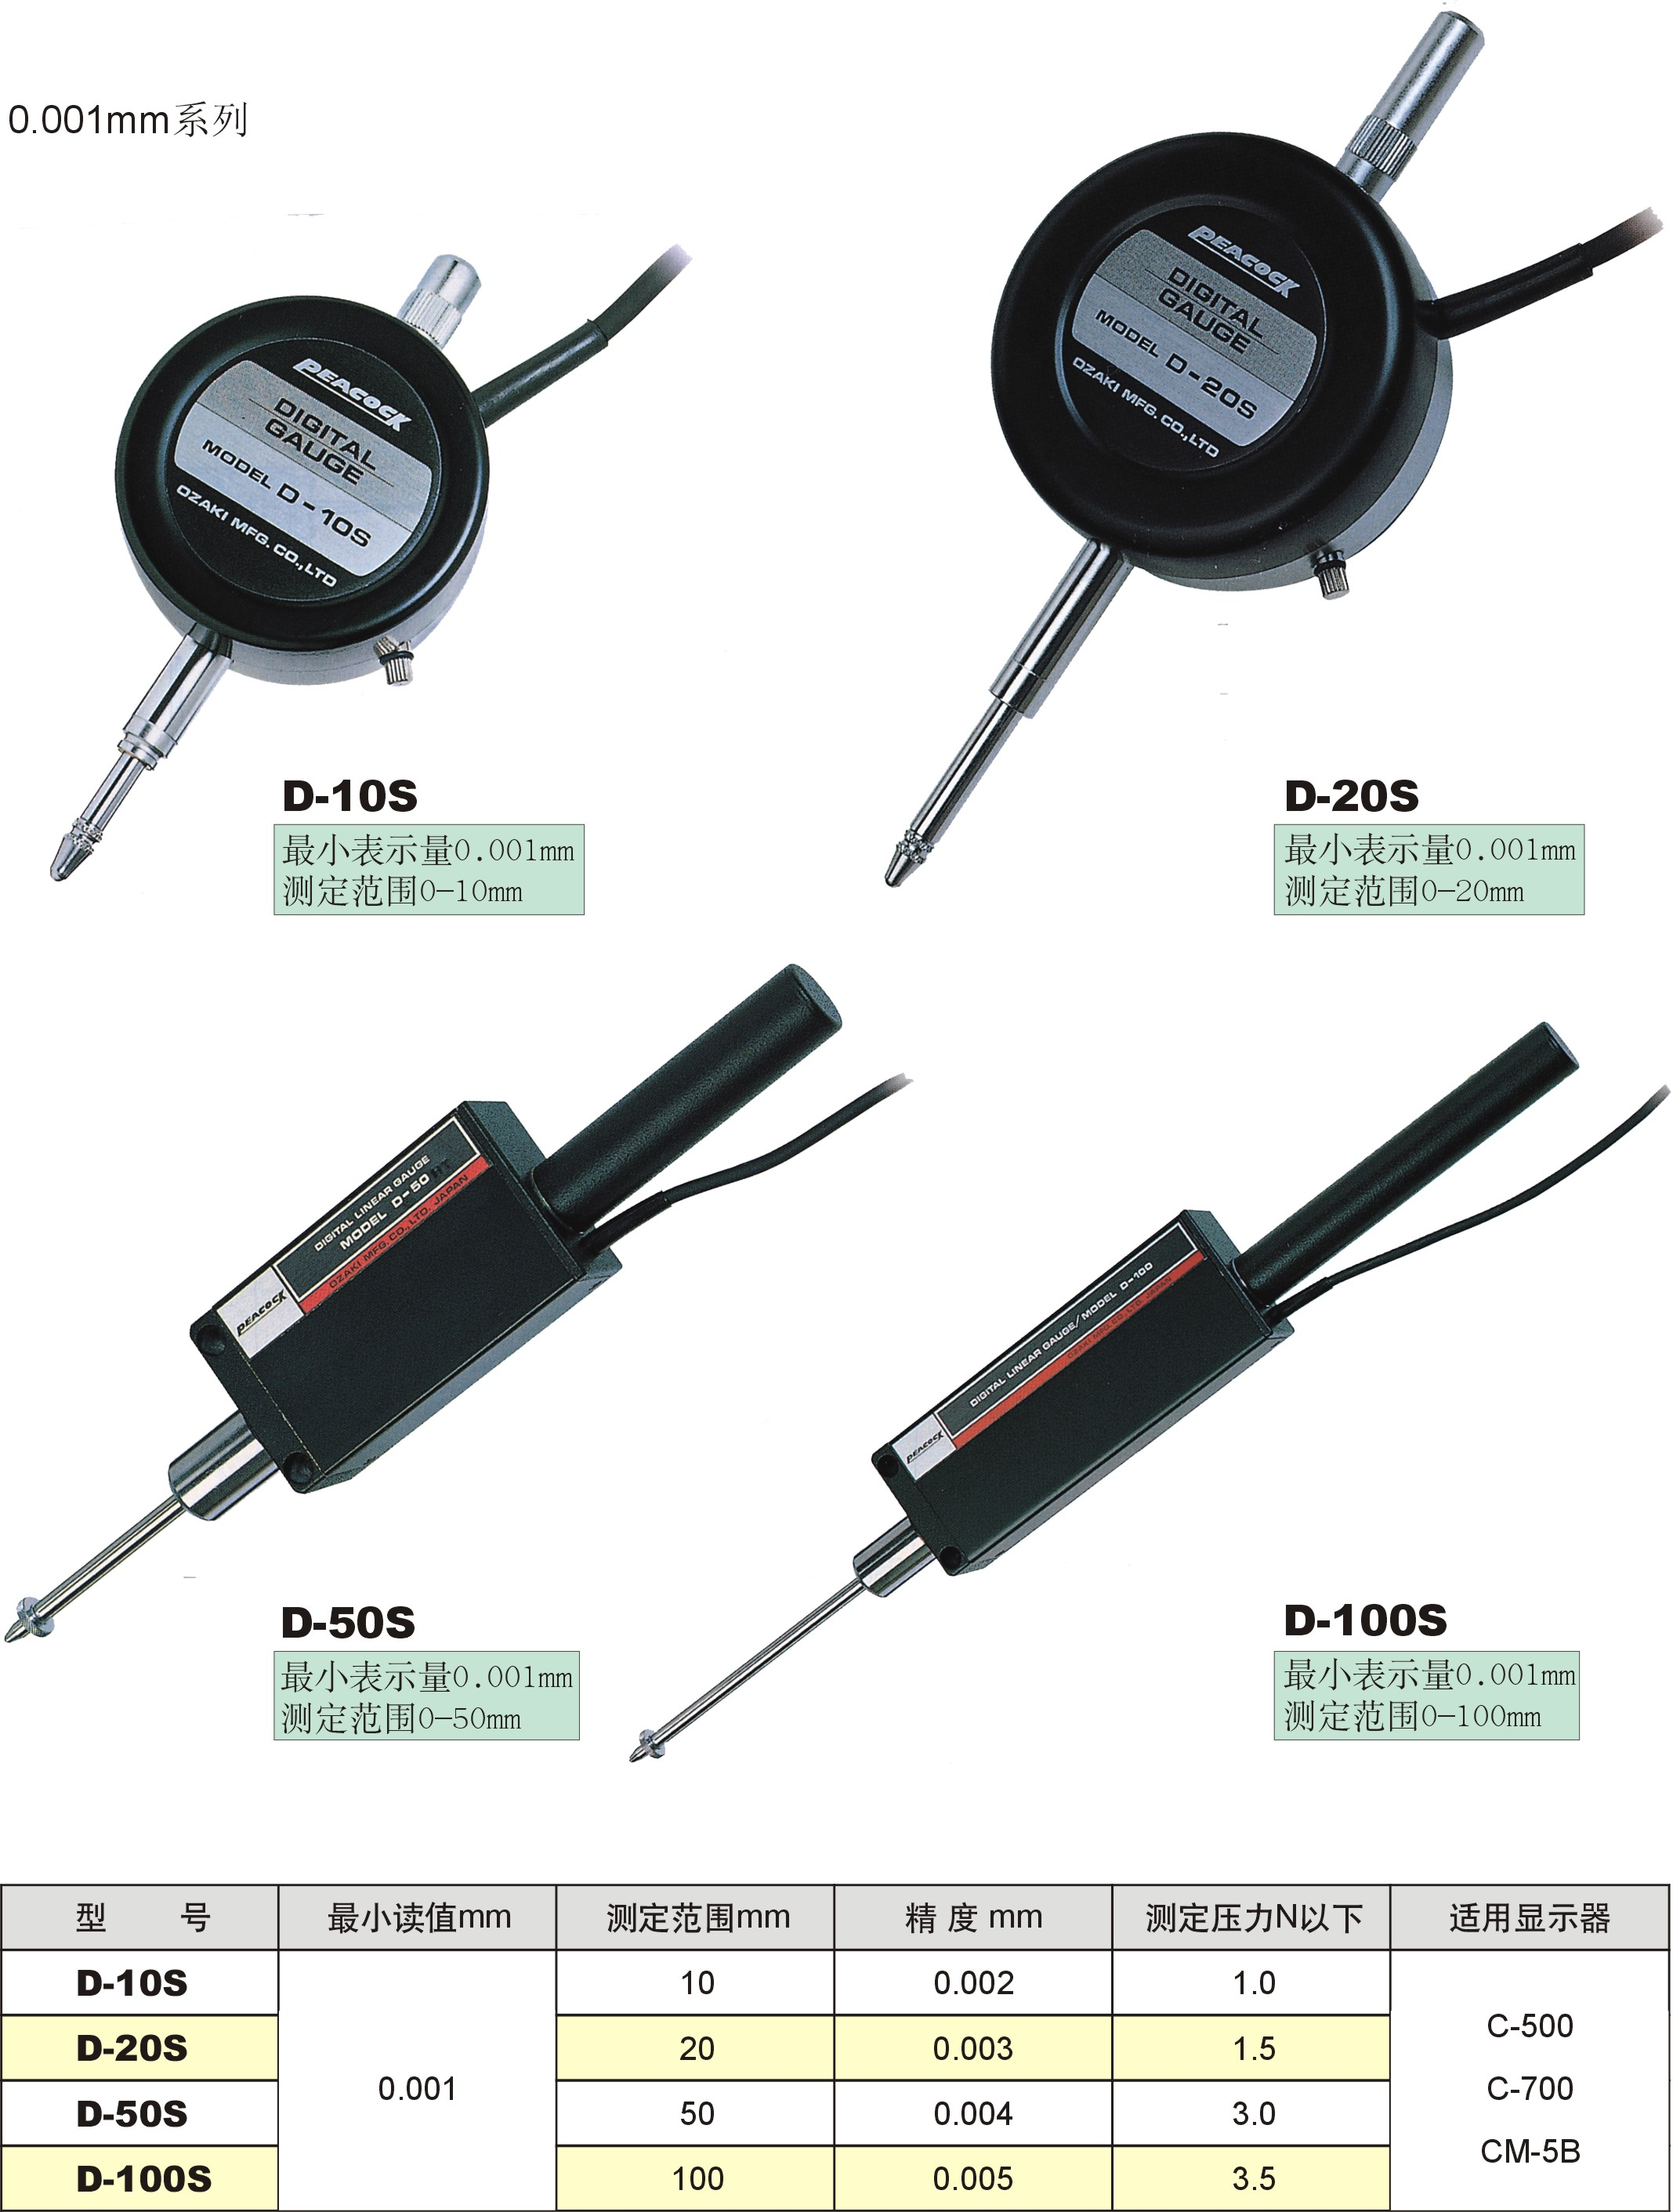 外接式电子量表D-20S(须外接显示器)